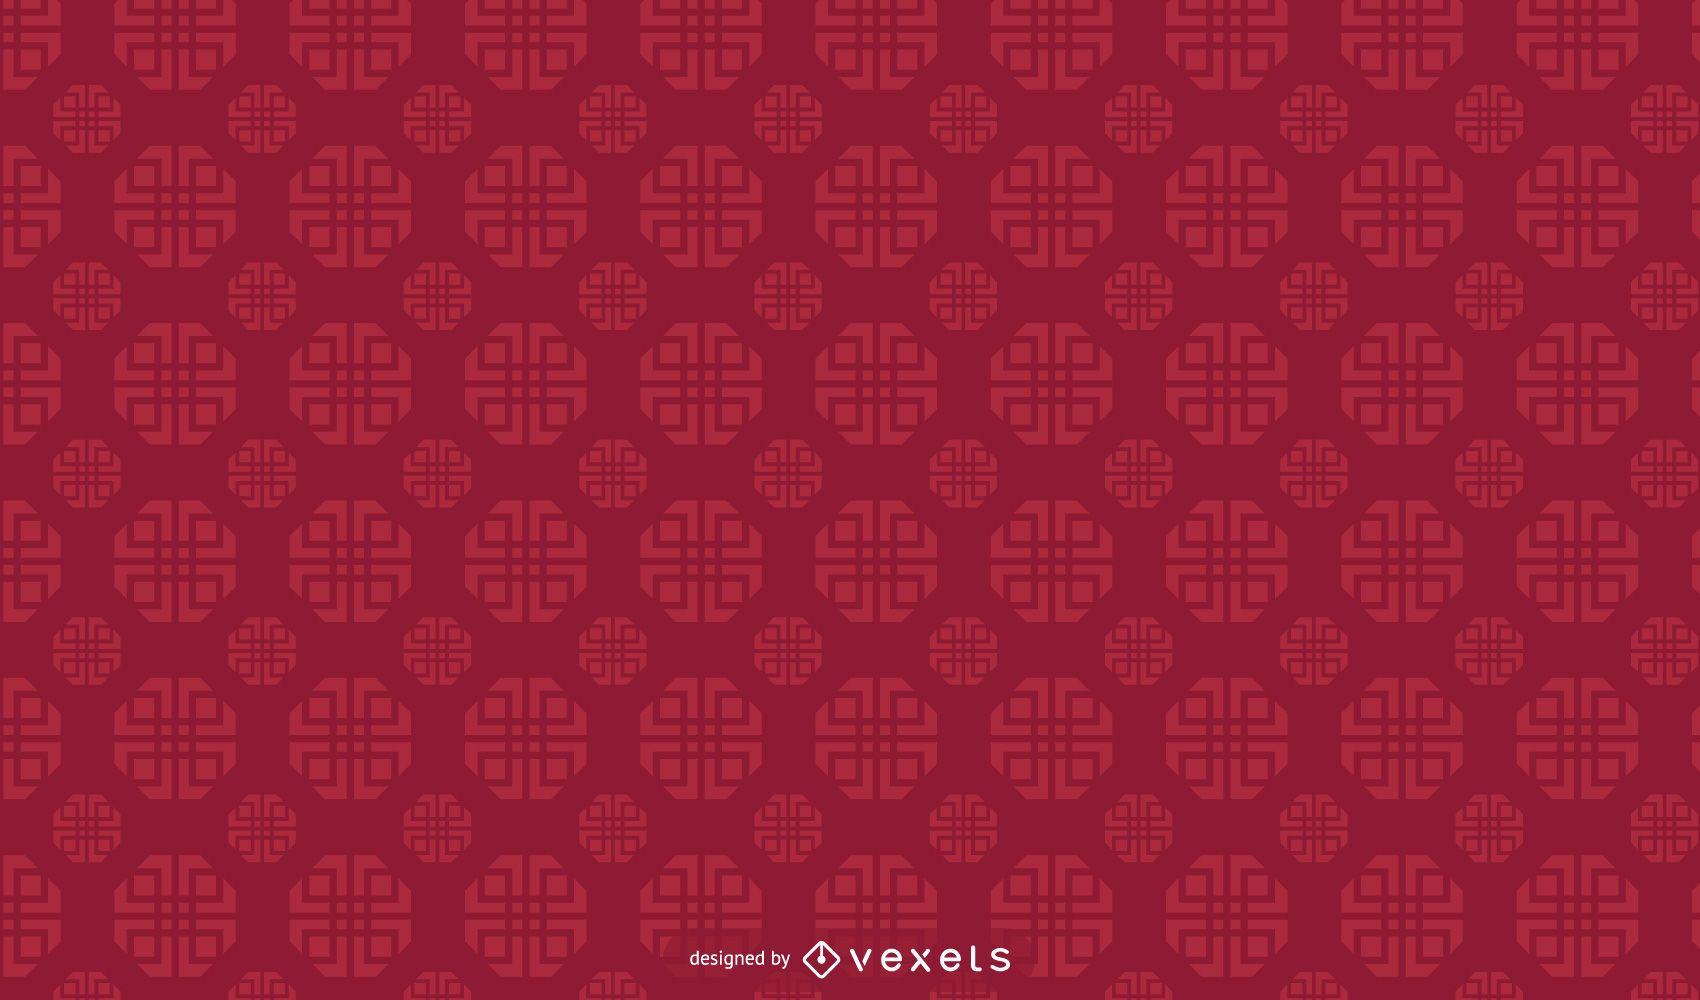 Diseño de patrón geométrico chino